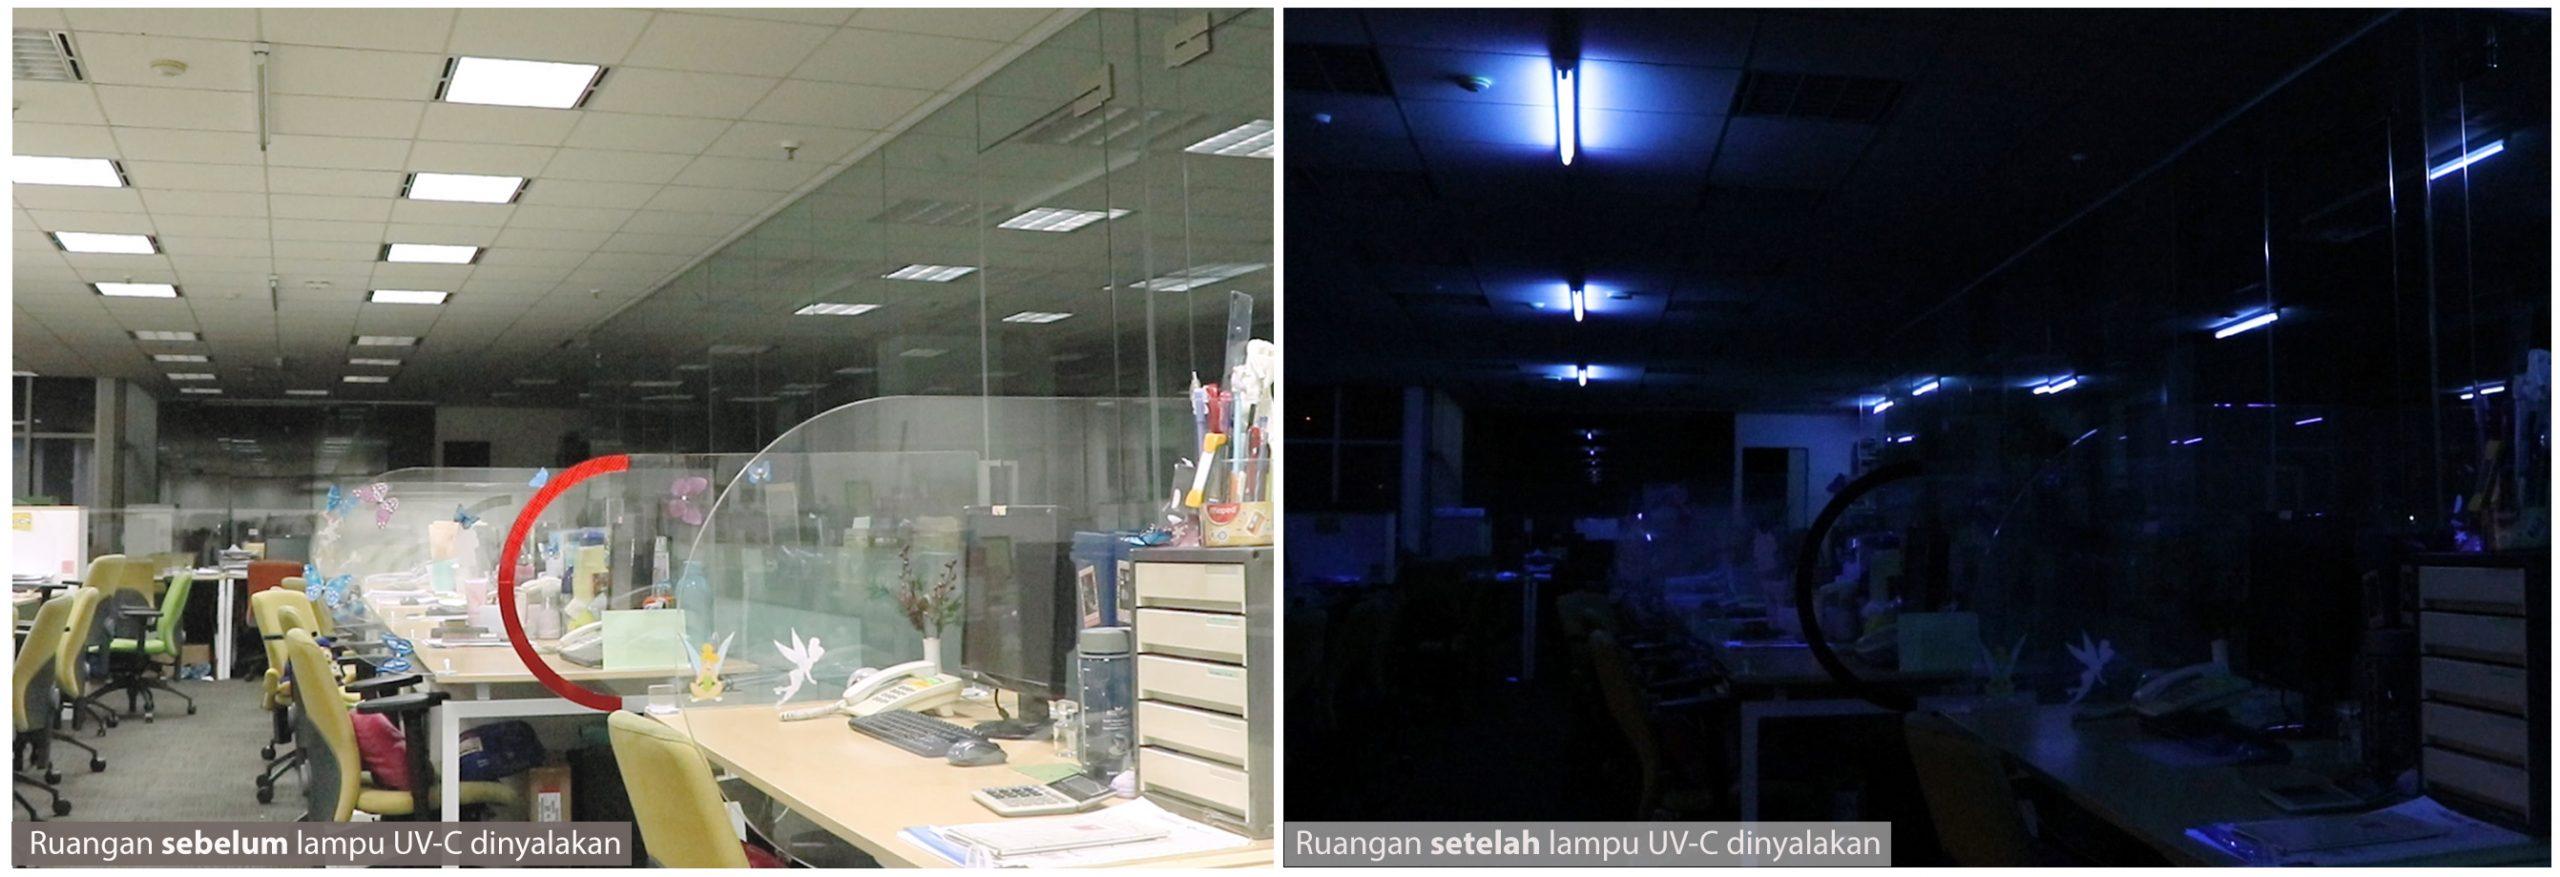 Penerapan lampu UC-V di Ruang Kerja Kantor_2